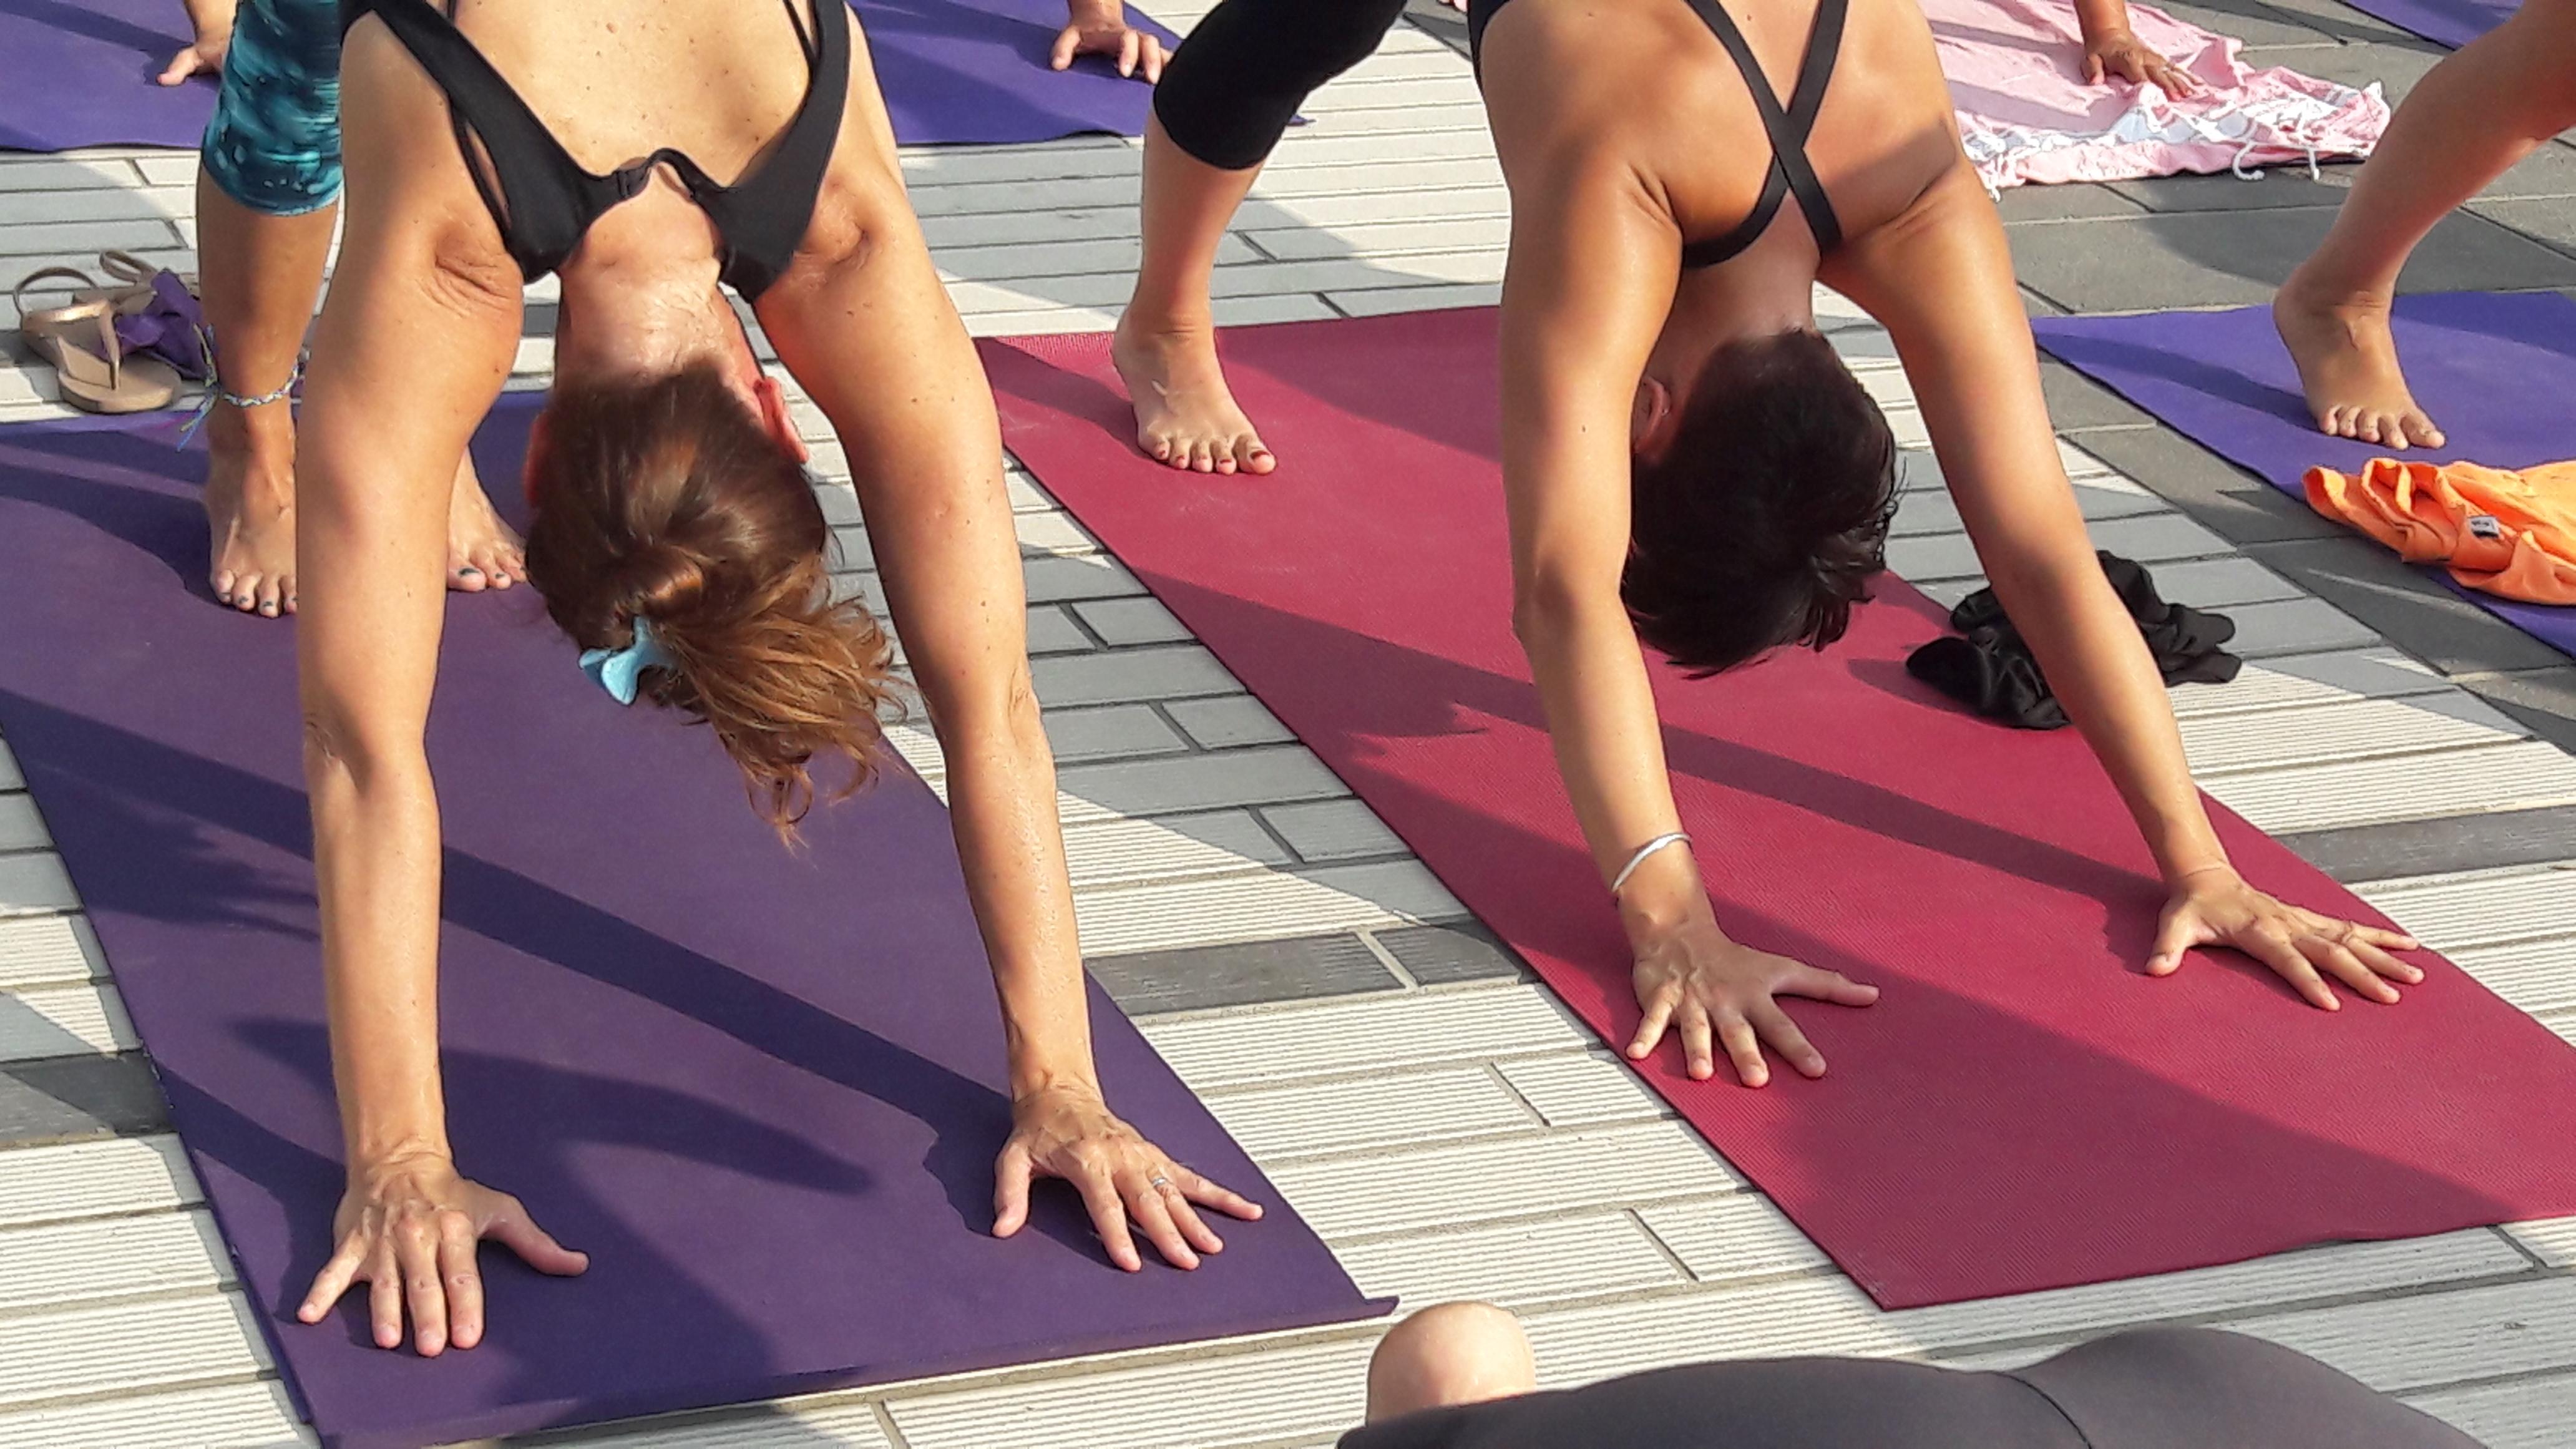 1_essere-free-yoga-gratuito-benessere-per-tutti-village-citta-alassio-estate-lucia-ragazzi-summer-town-wellness-059